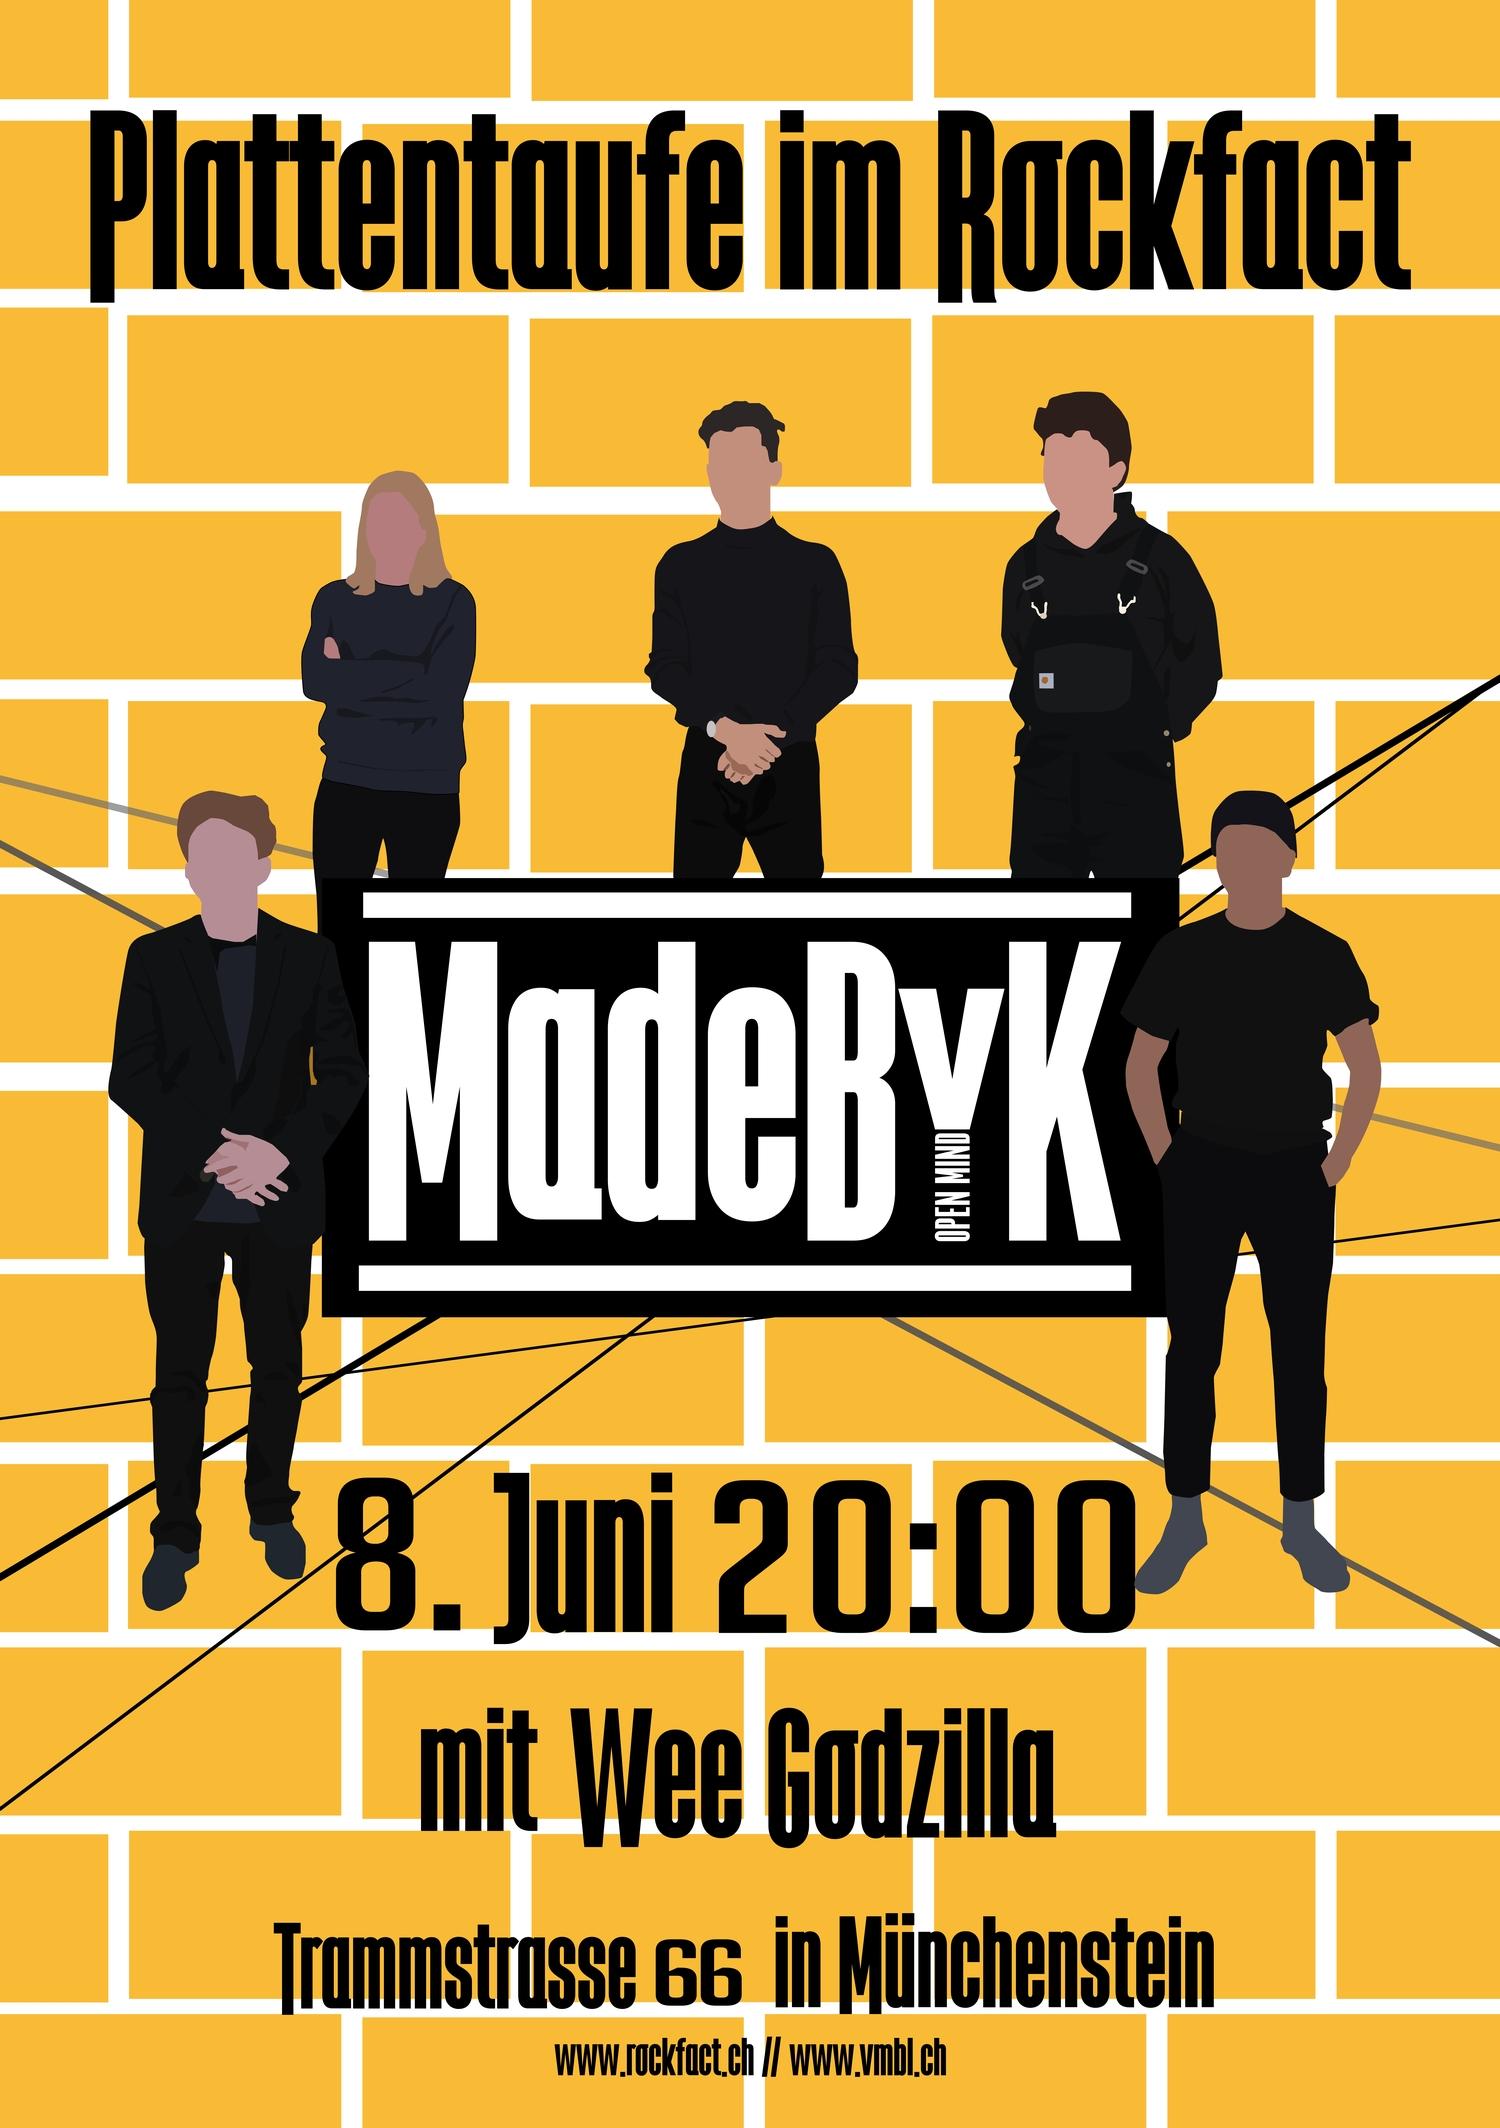 flyer_plattentaufe_final_5.jpg